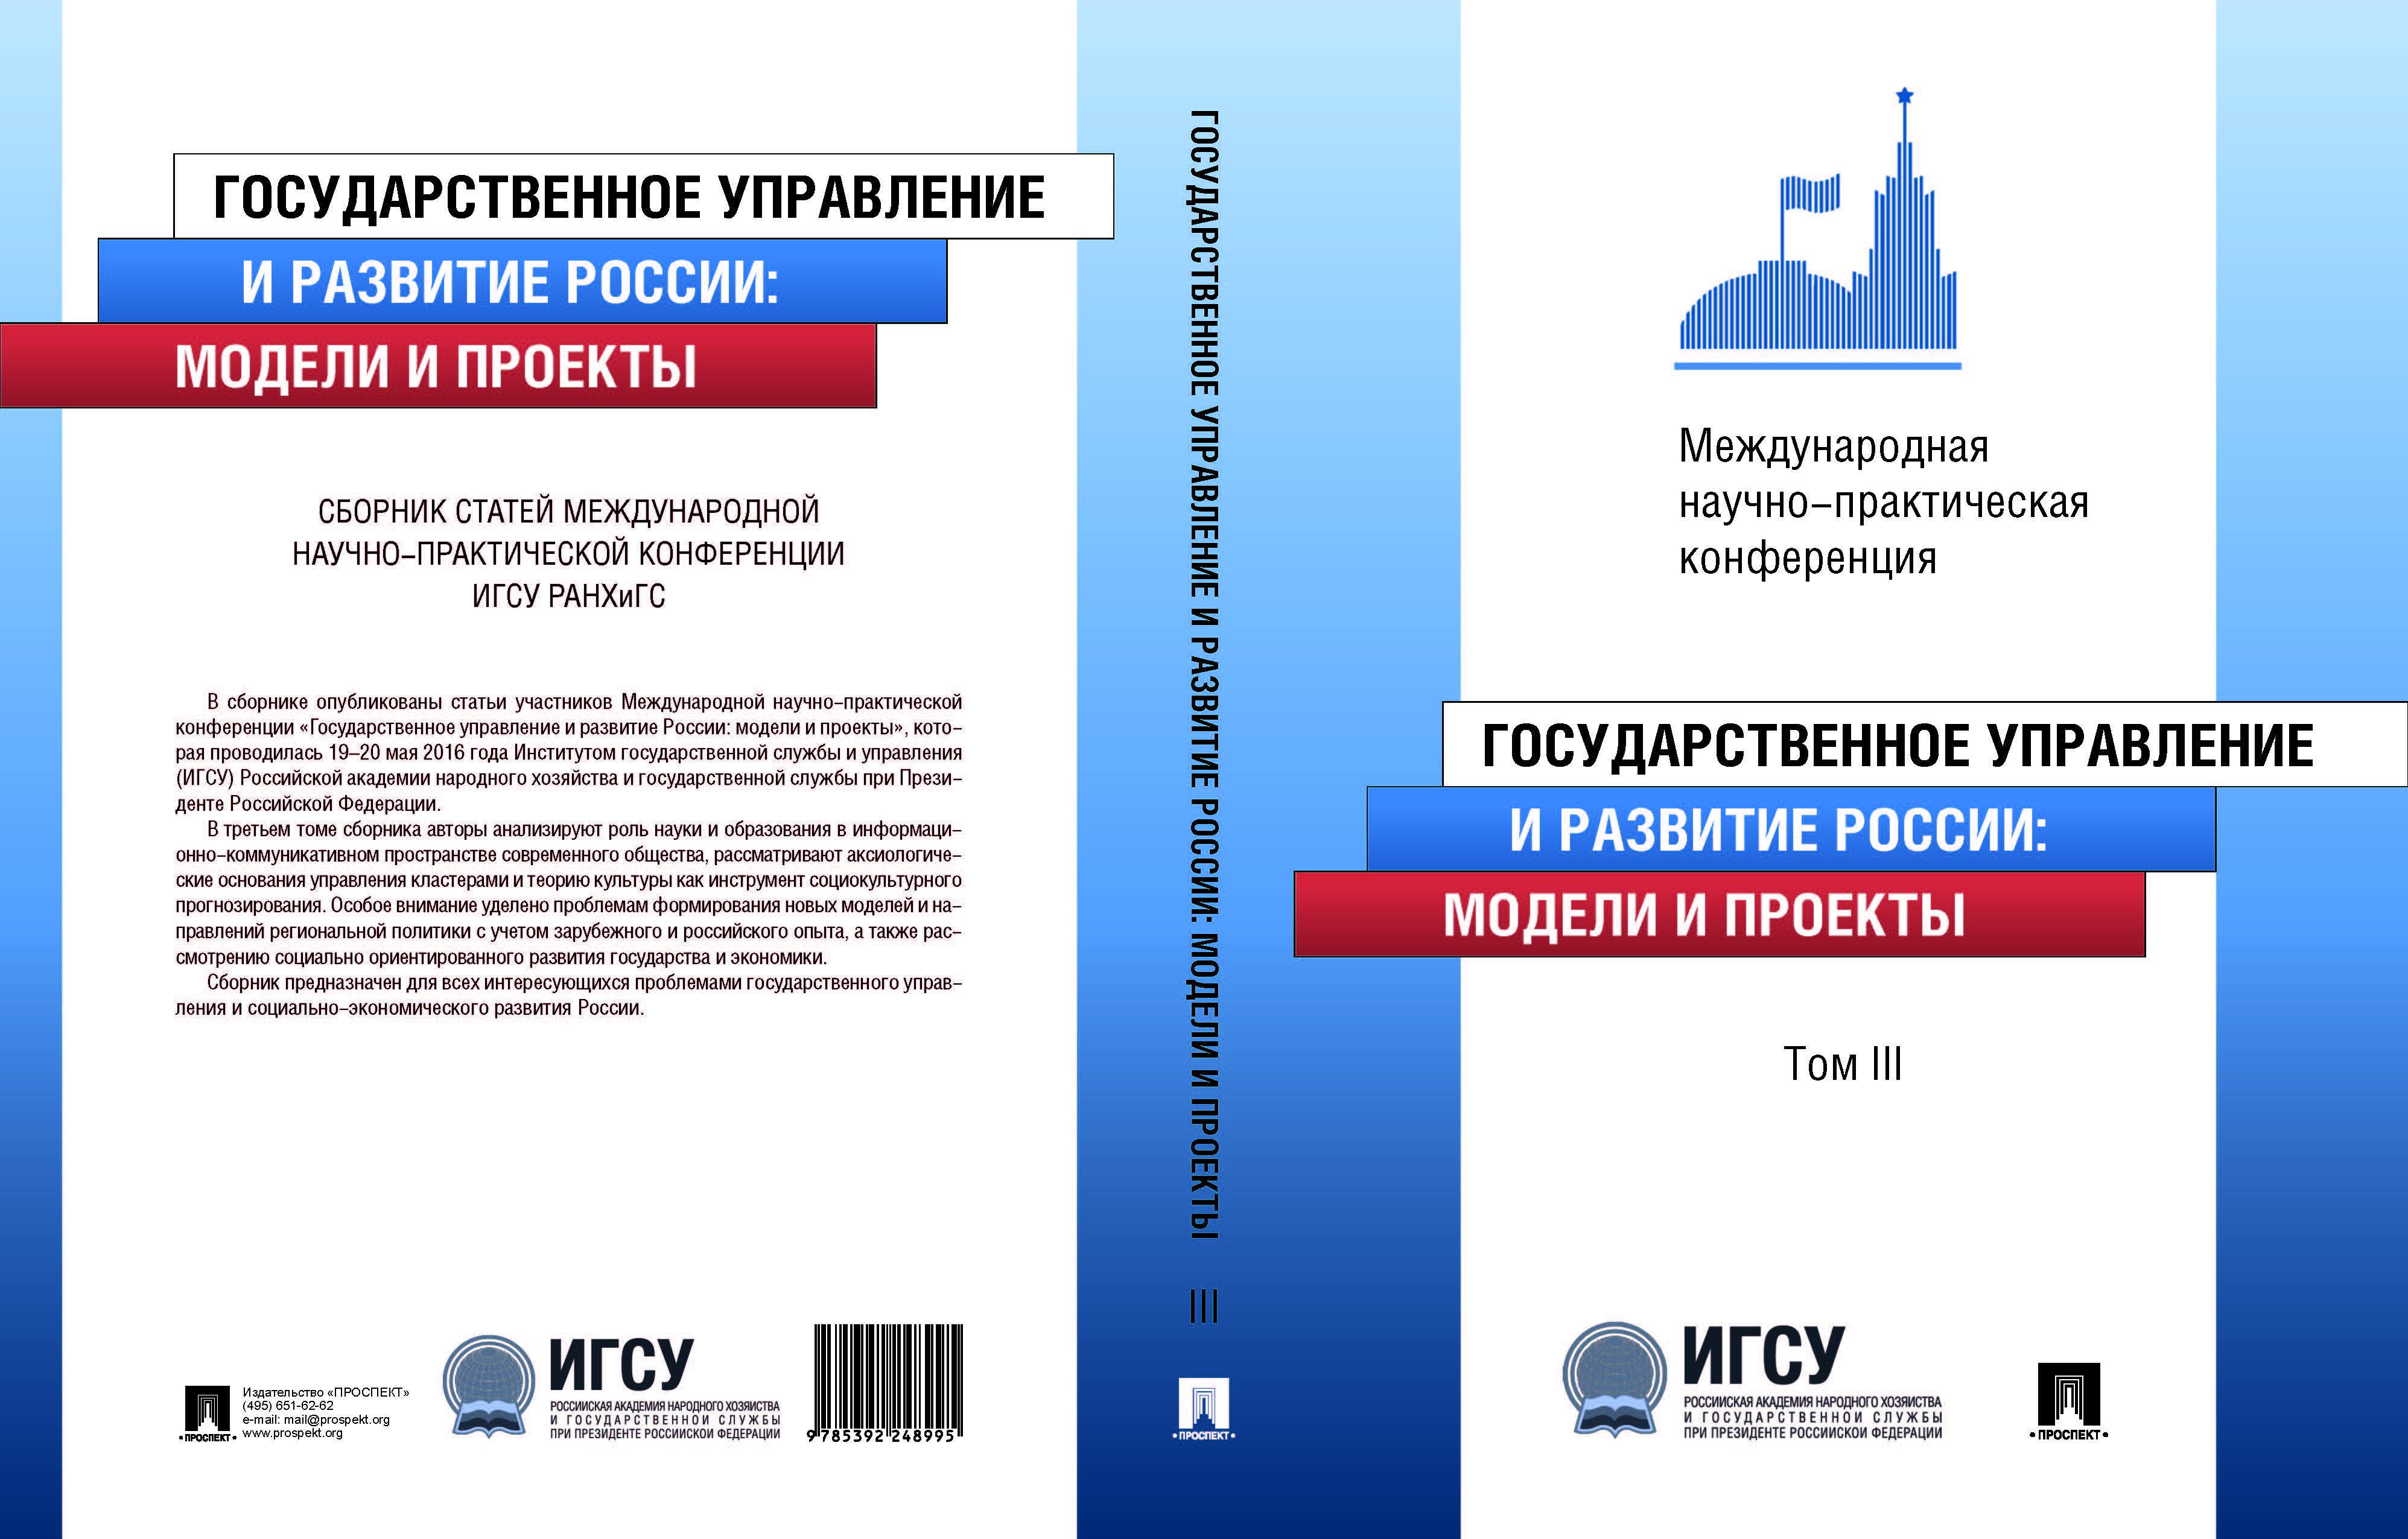 Становление и развитие новой российской государственности 1991 2017 гг